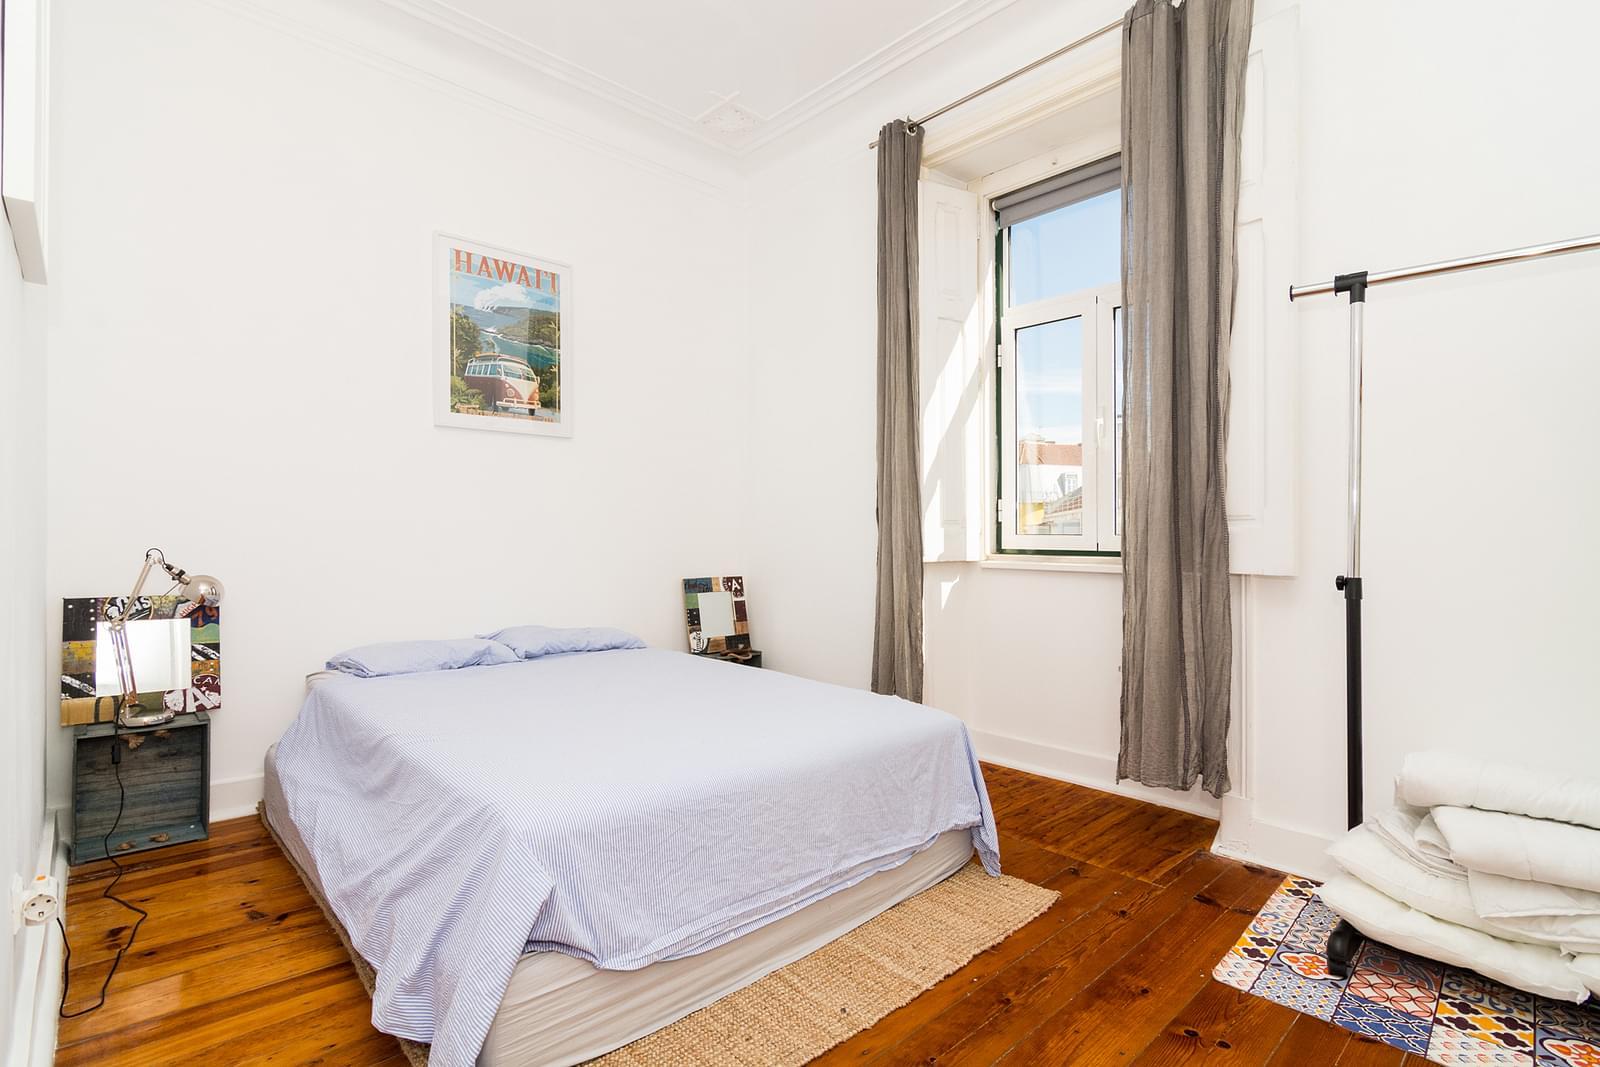 pf17569-apartamento-t2-lisboa-42d26262-86cf-485c-813e-cb8c17a91af6